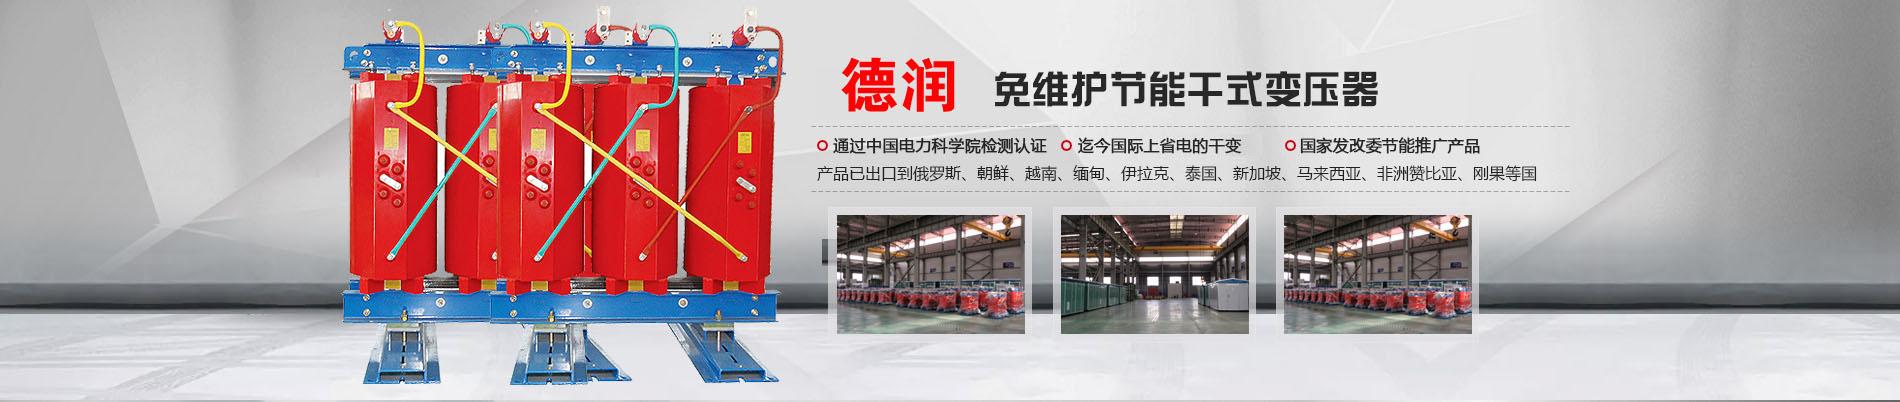 莱芜干式变压器厂家